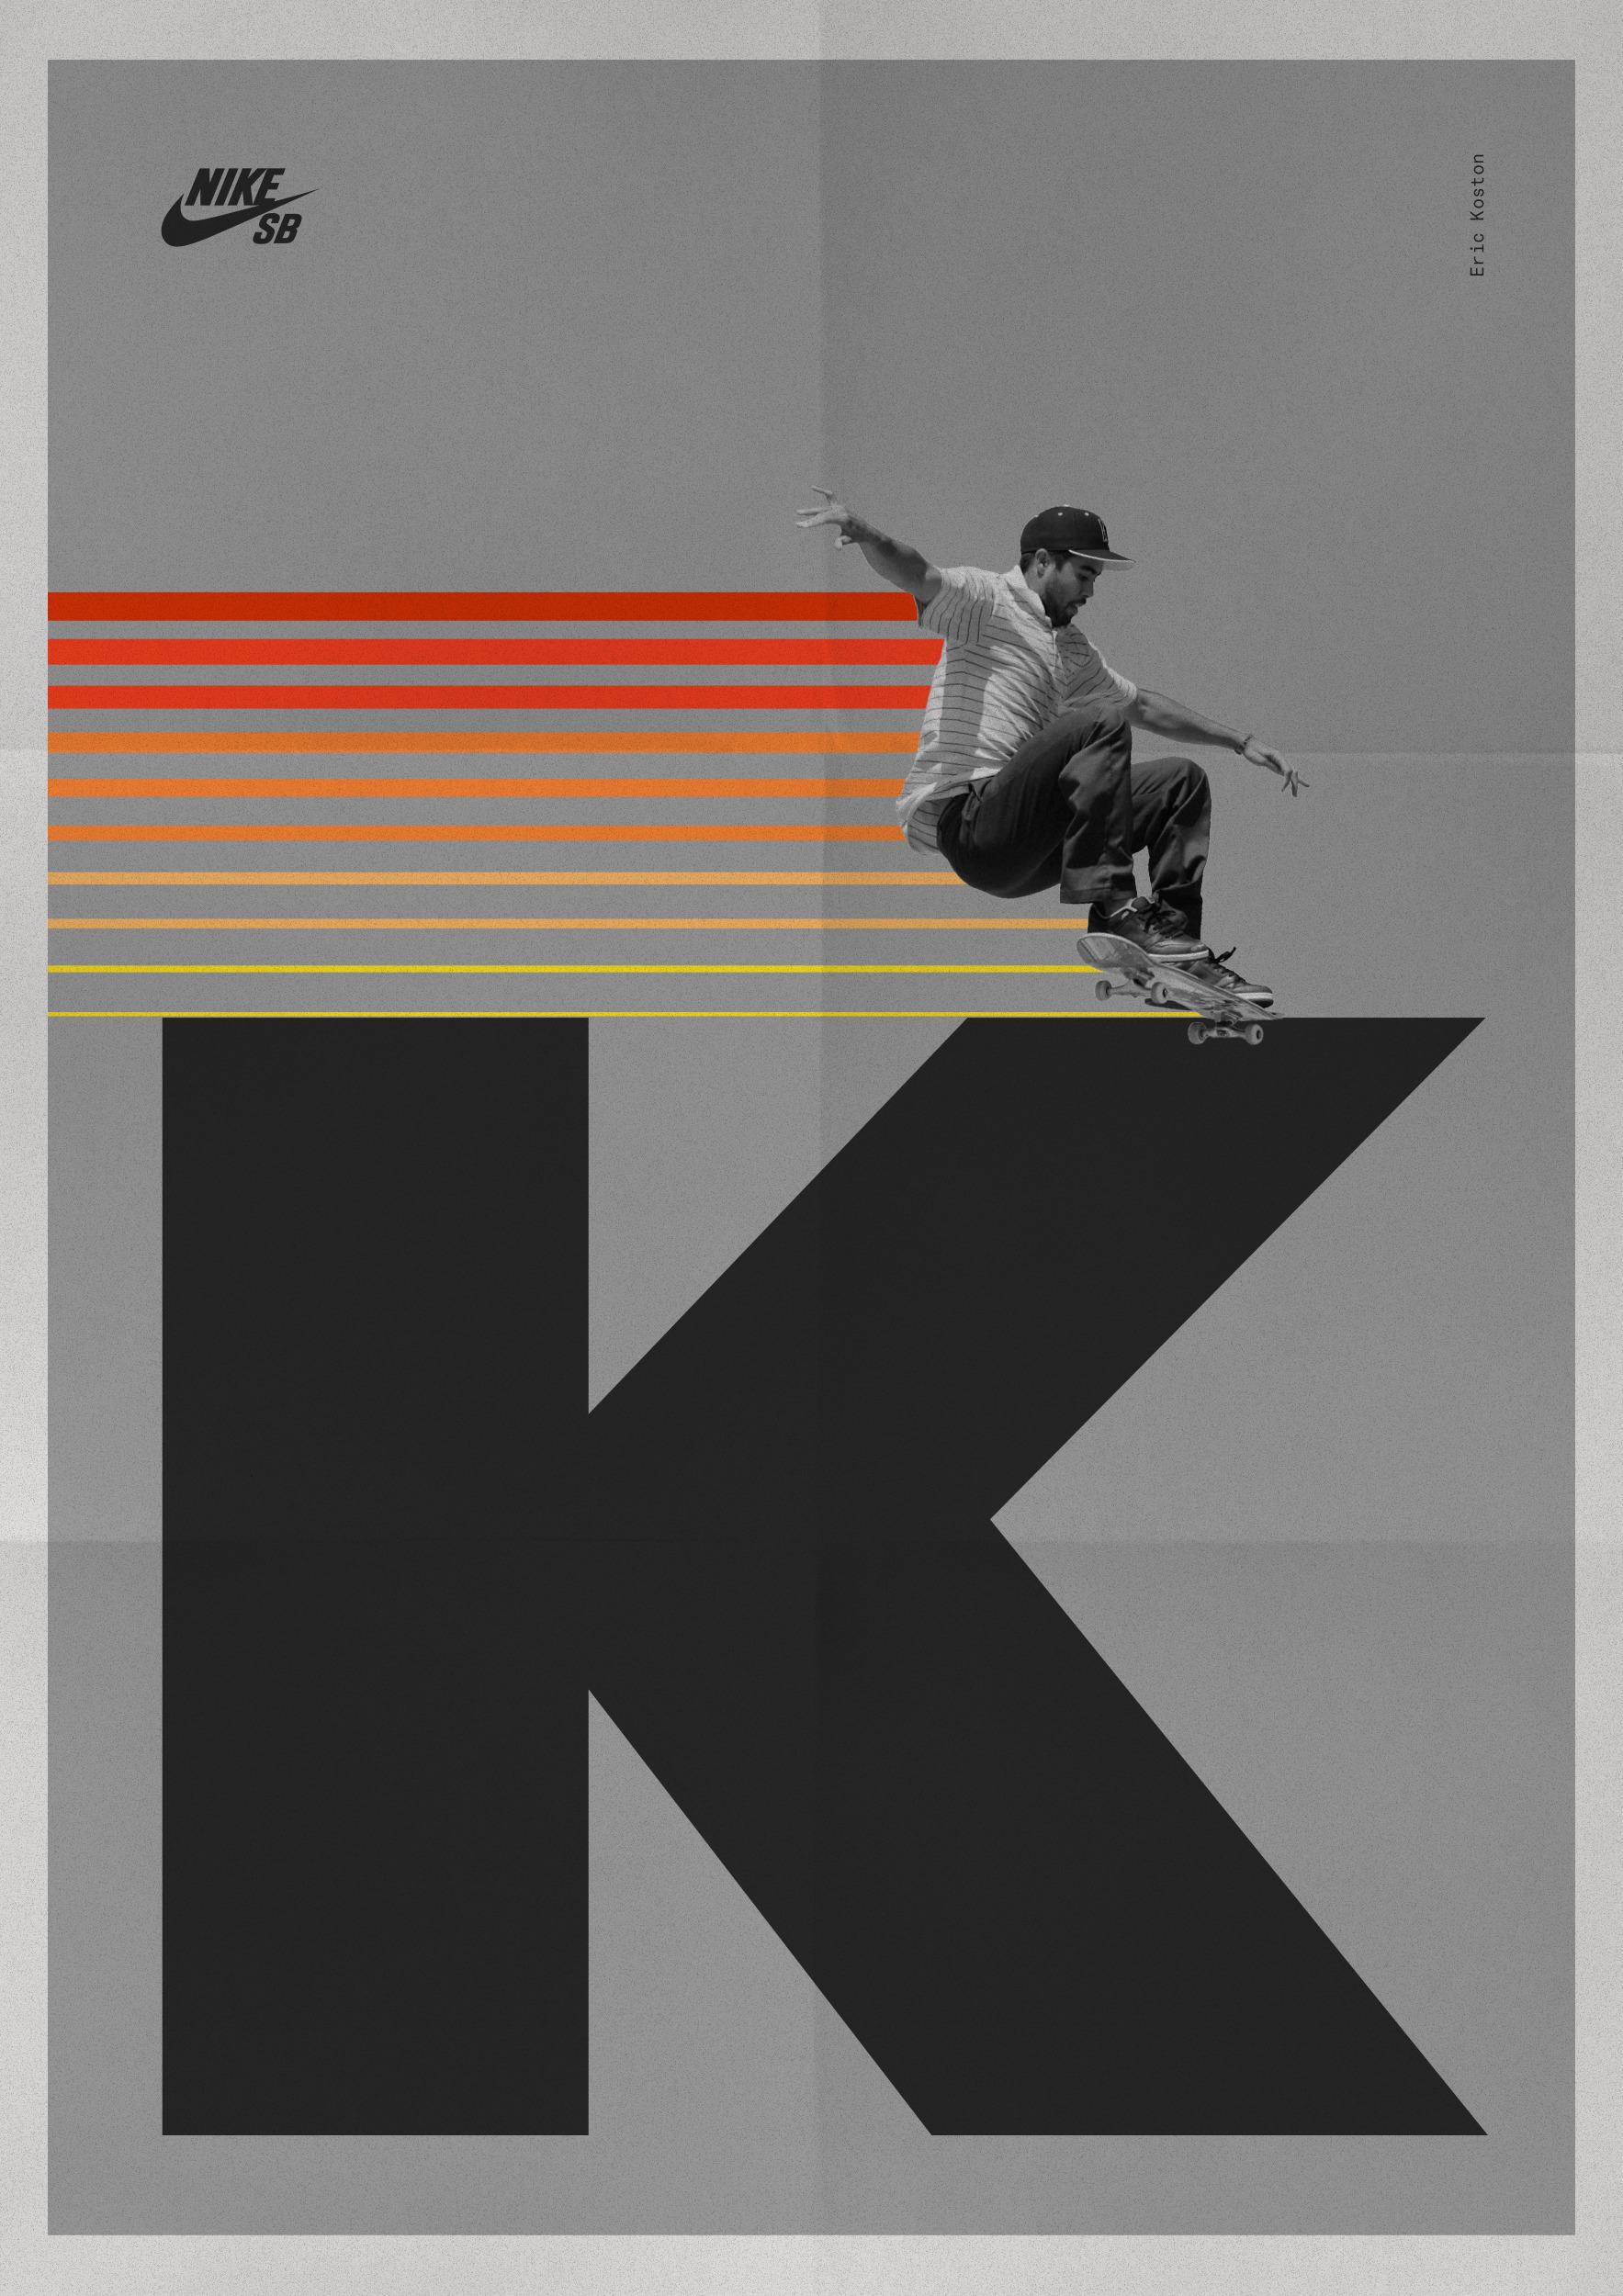 Eric Koston. Nike SB - luiscoderque | ello